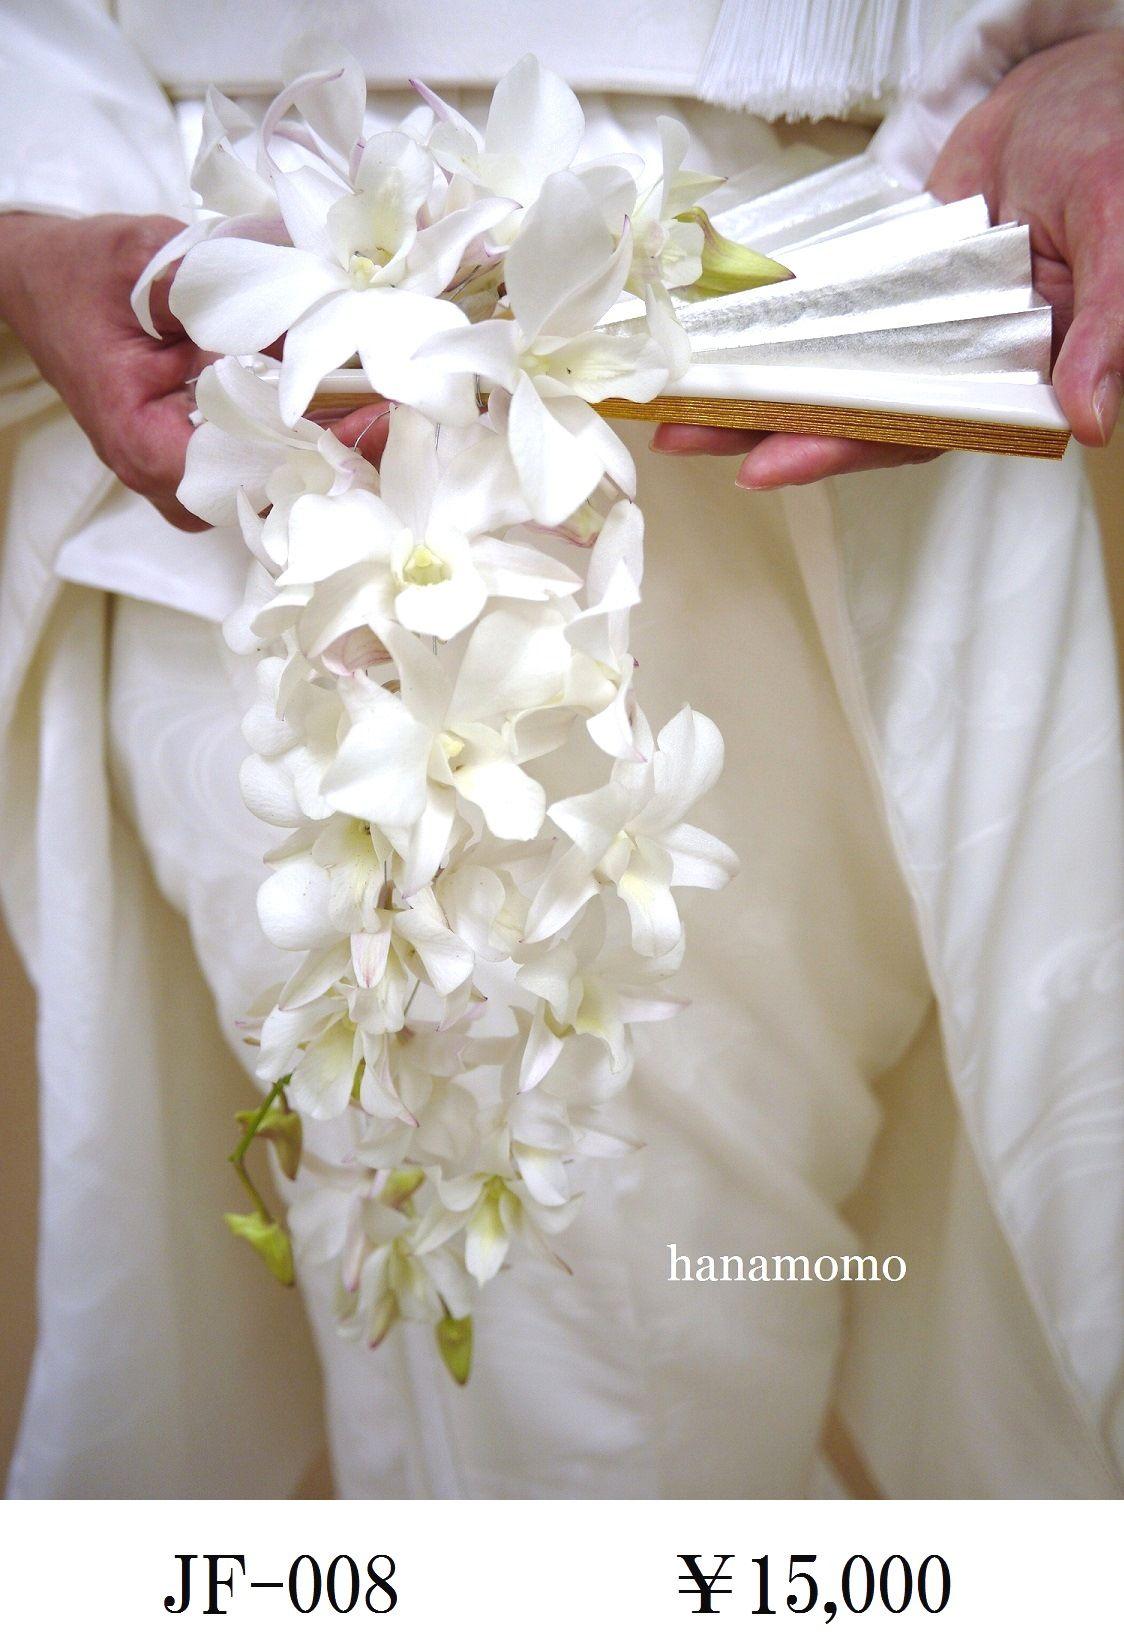 Japanese wedding bouquet i just like the hanging flowers in this japanese wedding bouquet i just like the hanging flowers in this one would be izmirmasajfo Choice Image